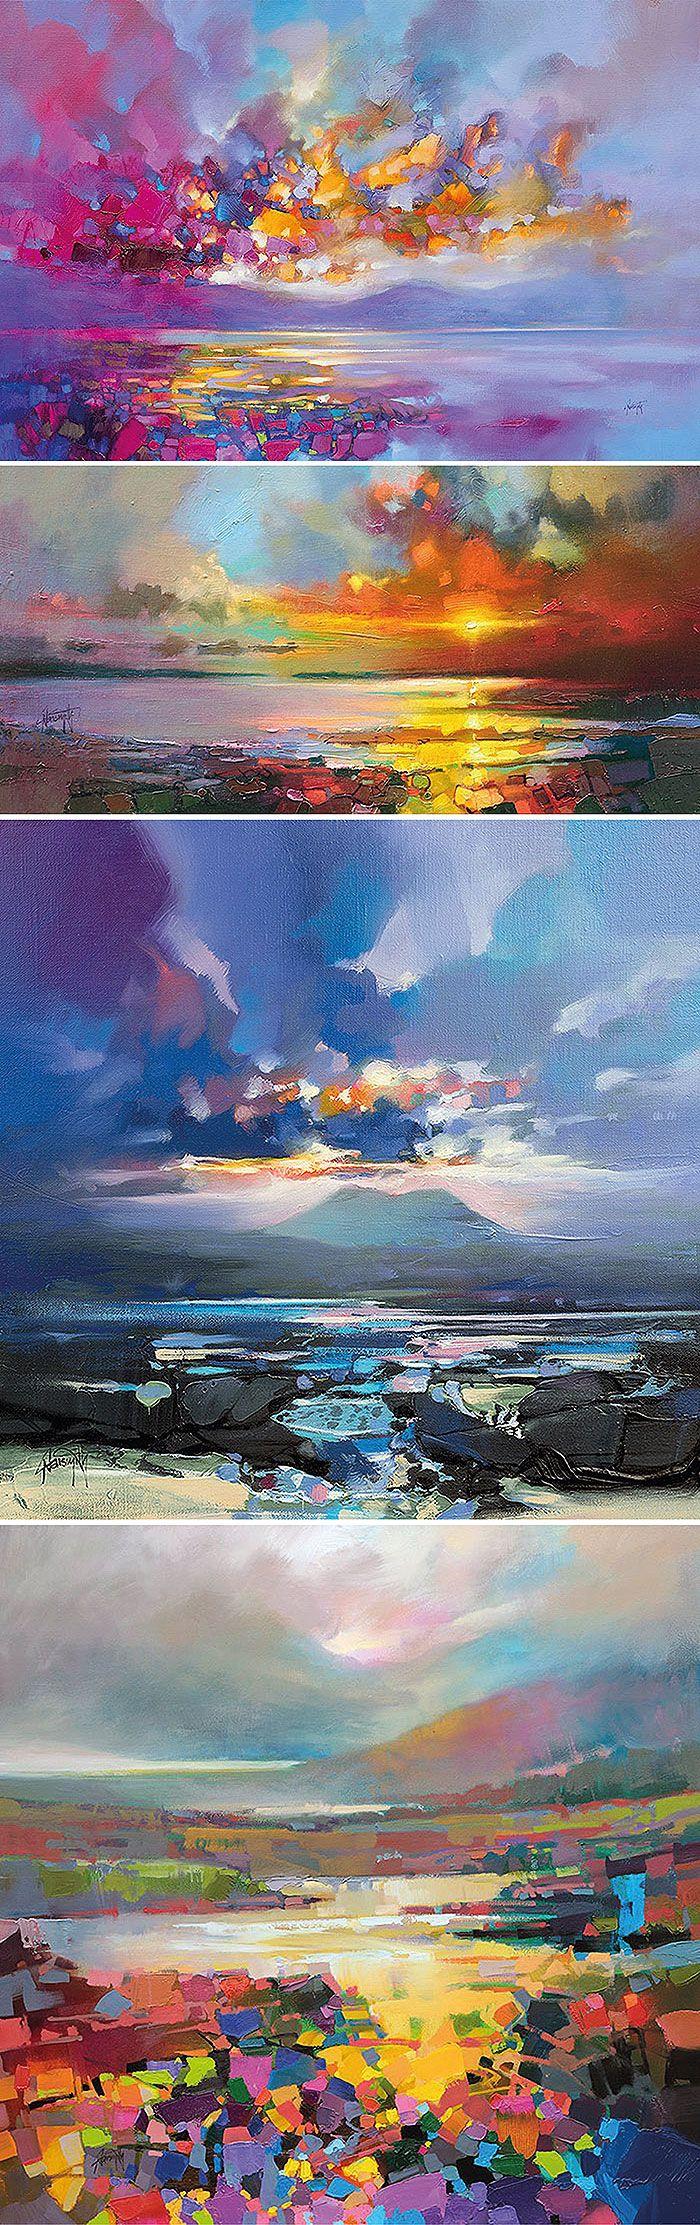 Для художника Скотта Нейсмита (Scott Naismith) из Глазго его родная Шотландия стала истинной музой. Природа этой северной страны отличается немного сумрачной красотой: живописные строгие равнины, нагорья, поросшие вереском, реликтовые леса и чистейшие озера… Шотландия — странная, загадочная, очаровательная и самобытная местность.